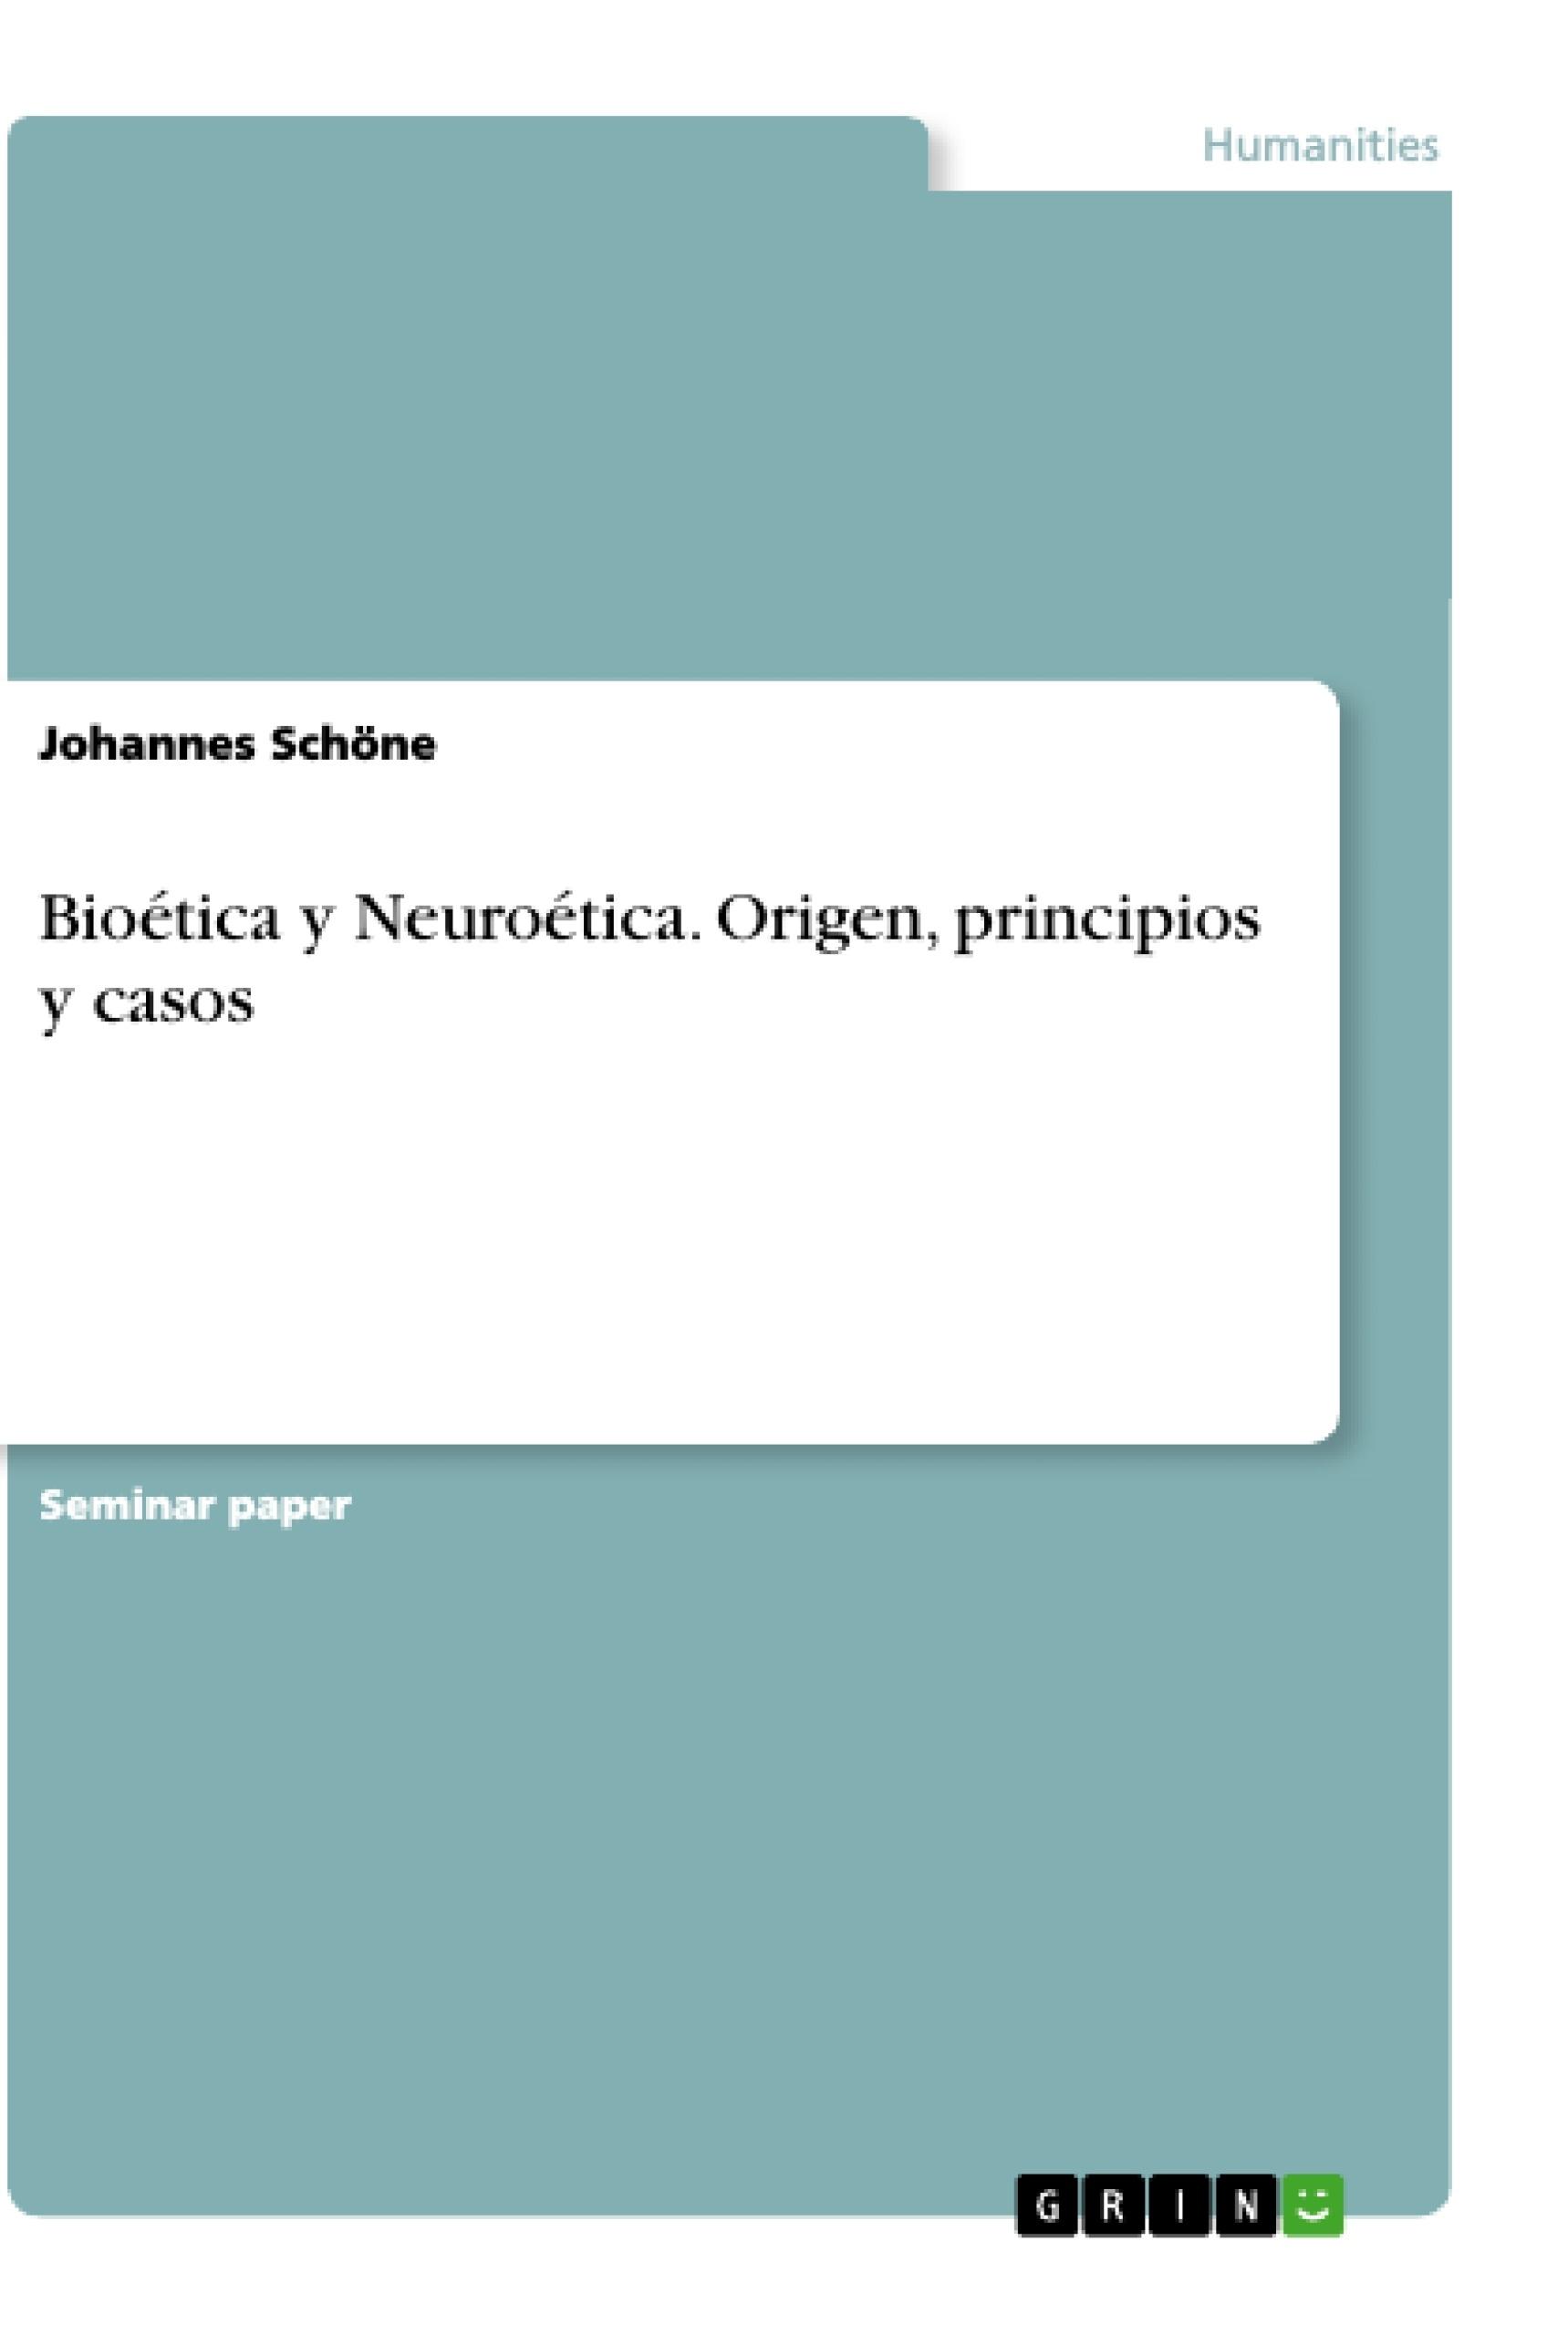 Título: Bioética y Neuroética. Origen, principios y casos